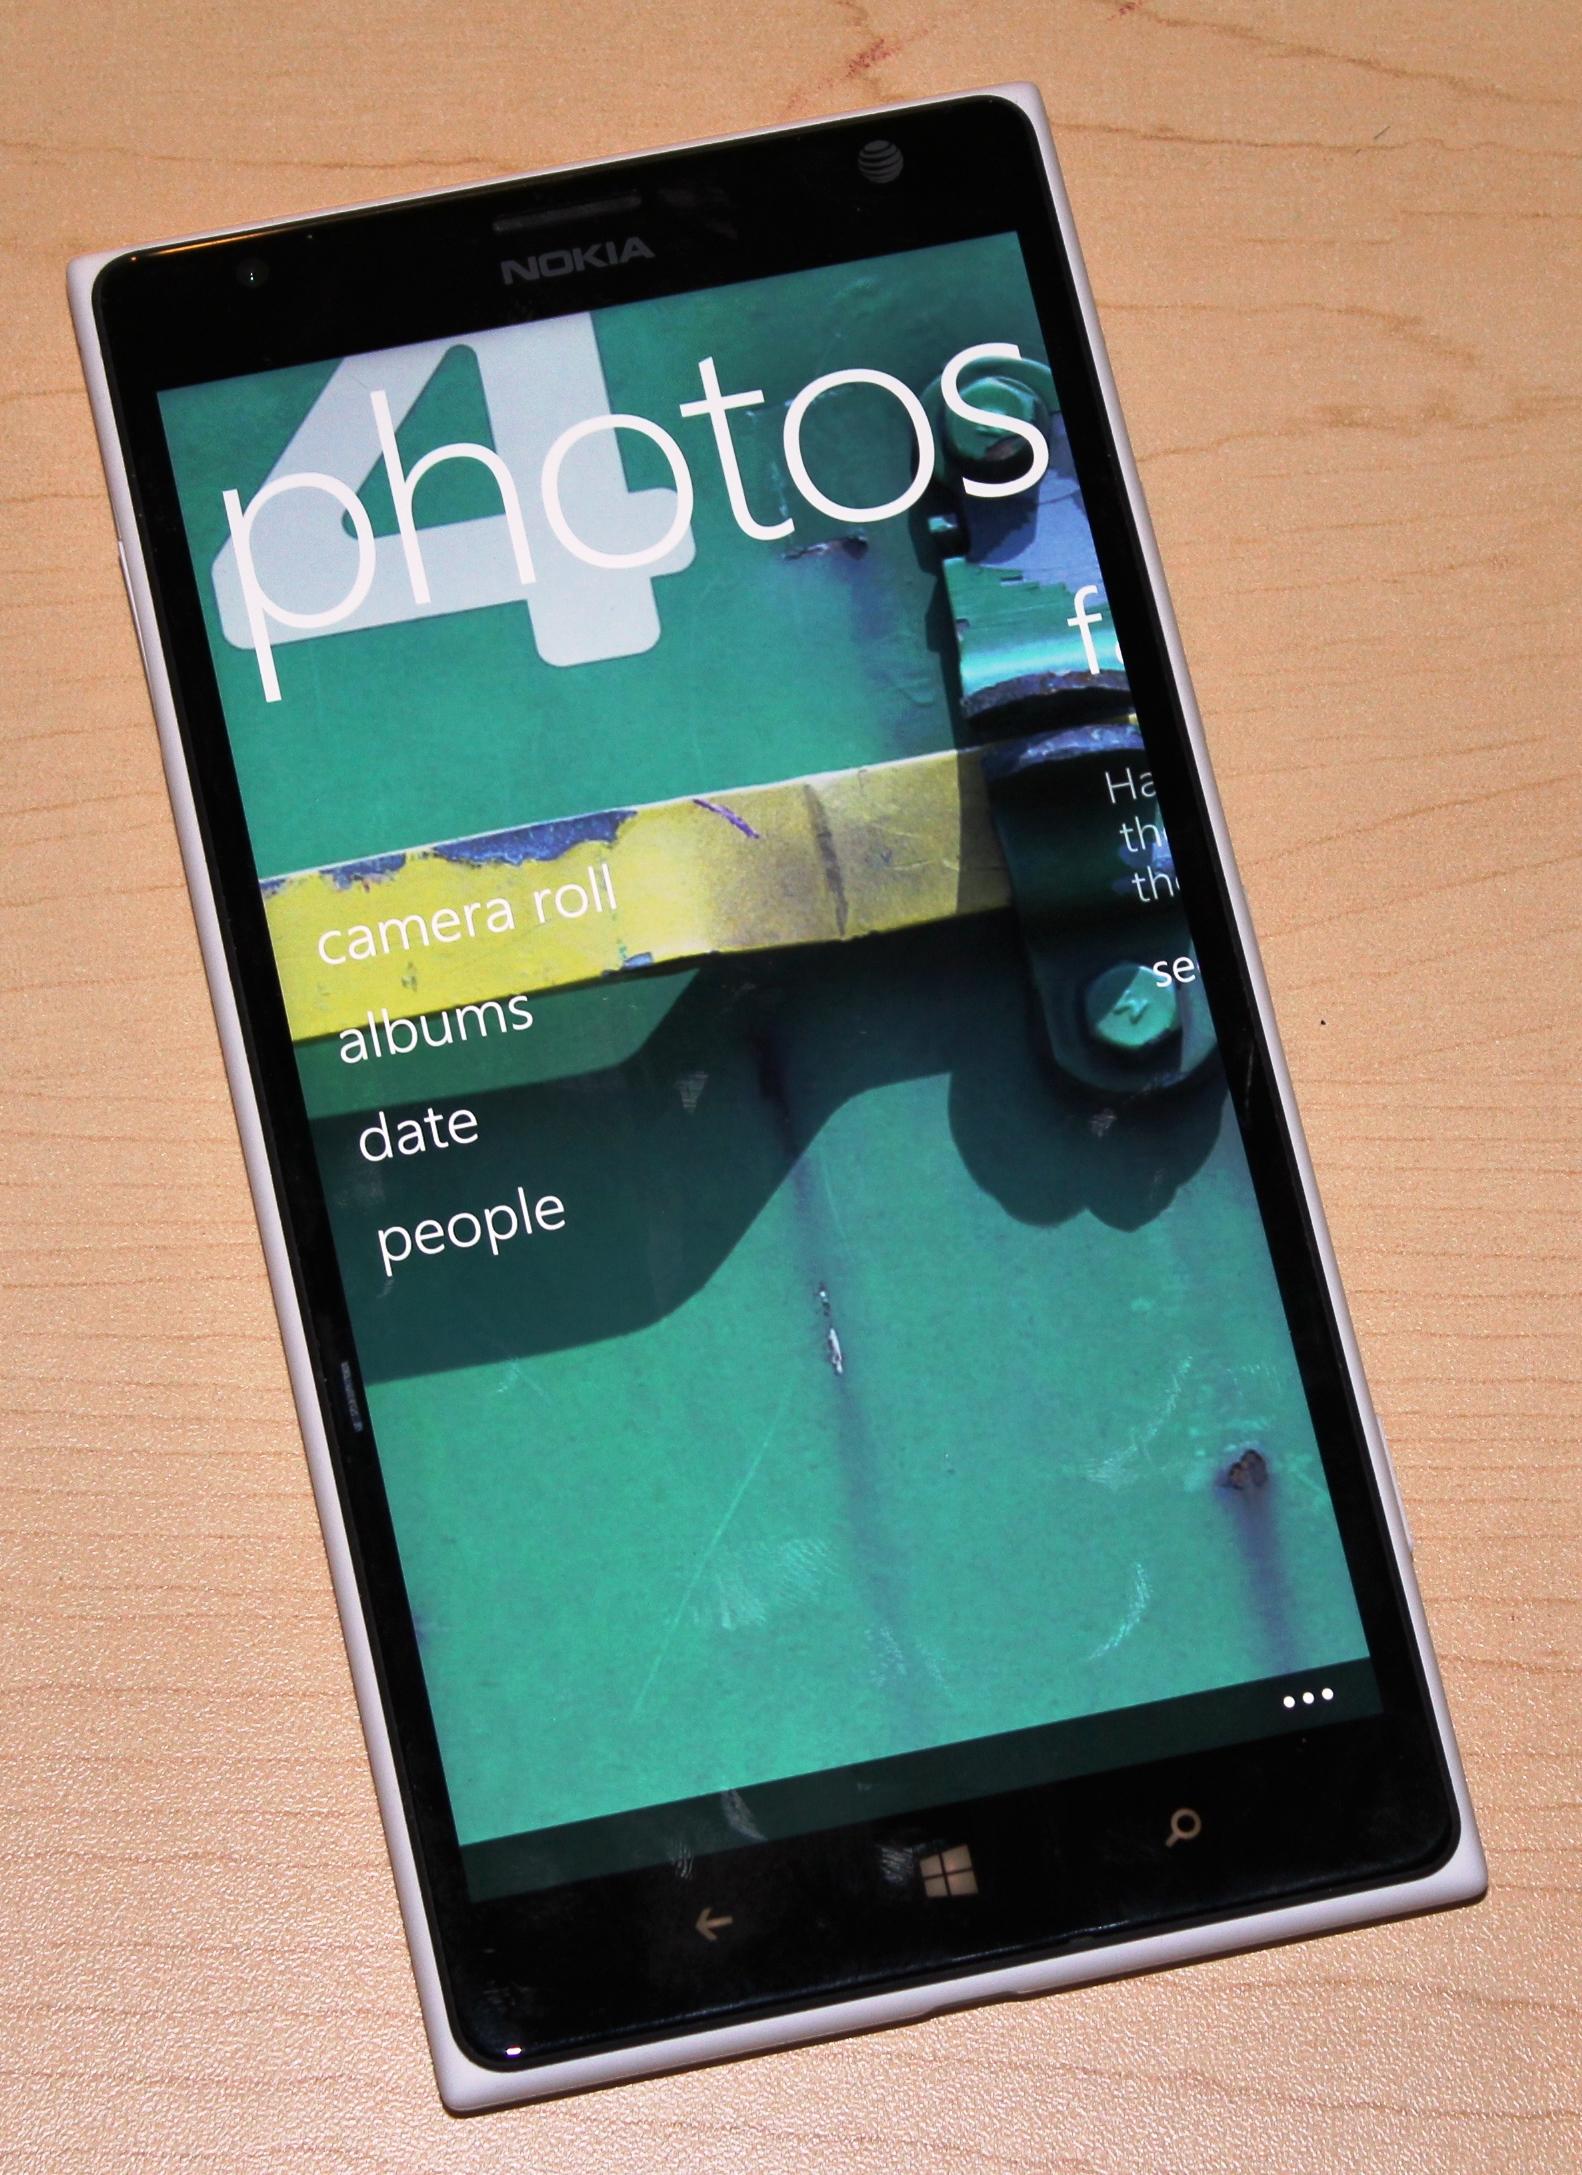 Nokia Lumia 1520 Review - Windows Phone - G Style Magazine (14)